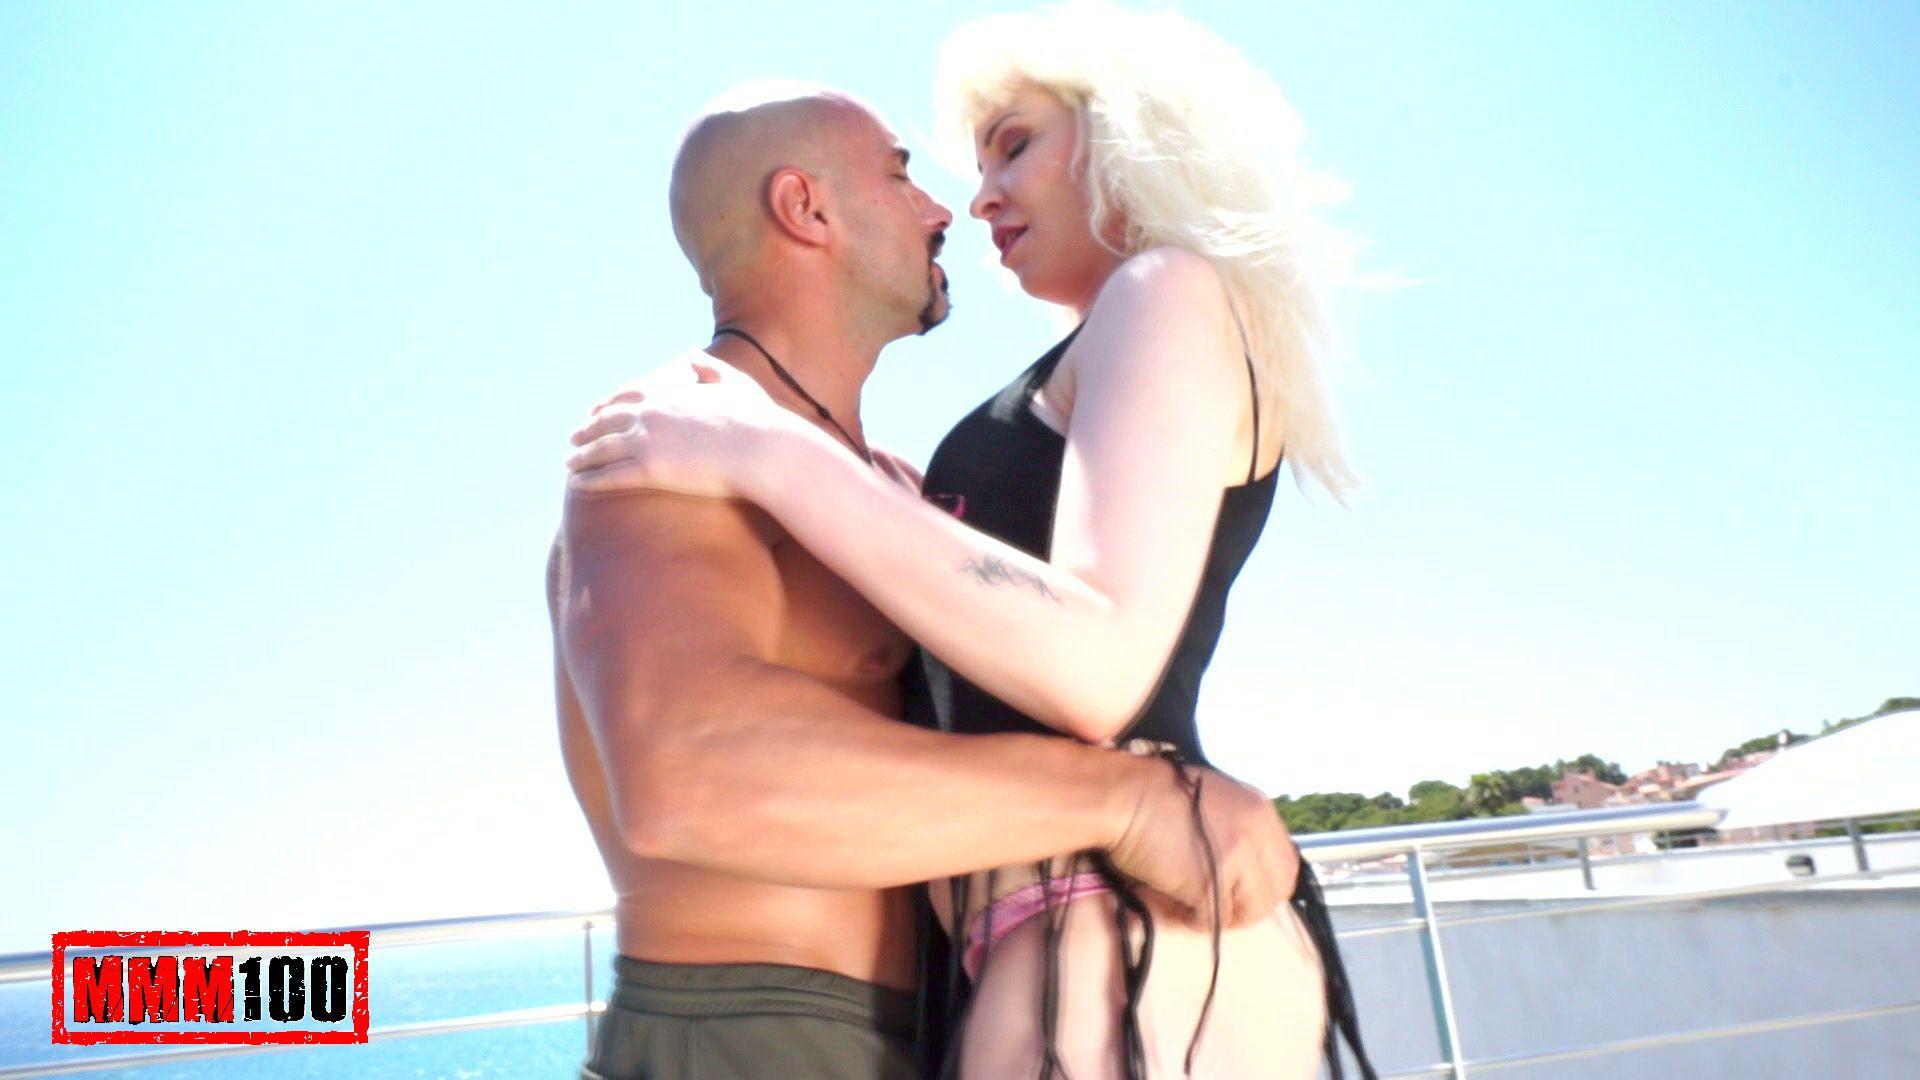 Tiina Okay & Bryan Da Ferro In The Ghost Of The Pool – Mmm100